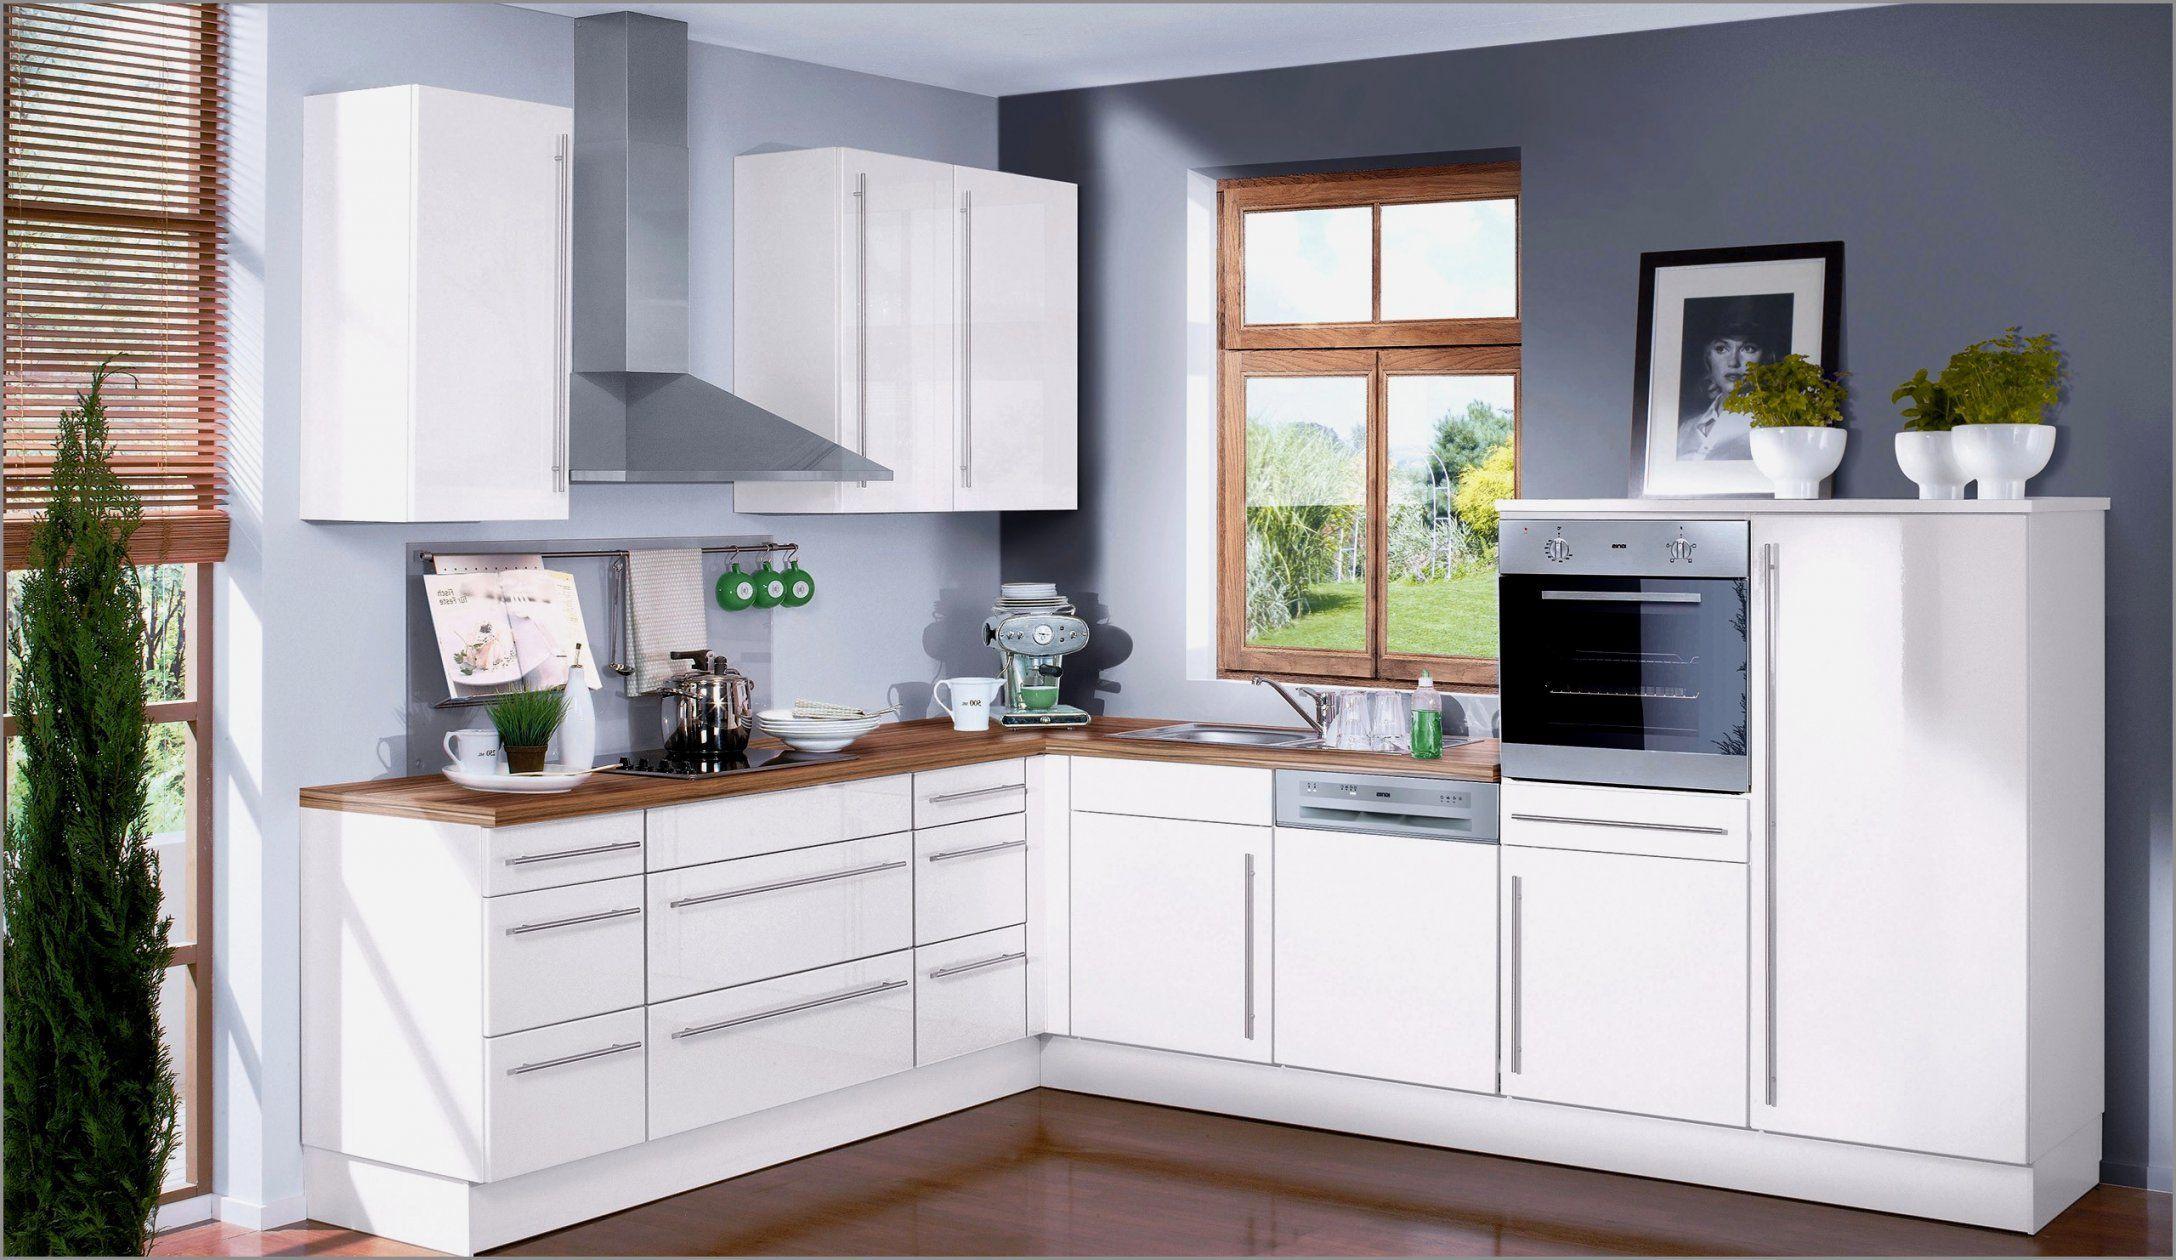 Full Size of Kleine Küche Günstig Kaufen Einbaugeräte Küche Günstig Kaufen Weiße Ware Küche Günstig Kaufen Küche Günstig Kaufen Hamburg Küche Küche Günstig Kaufen